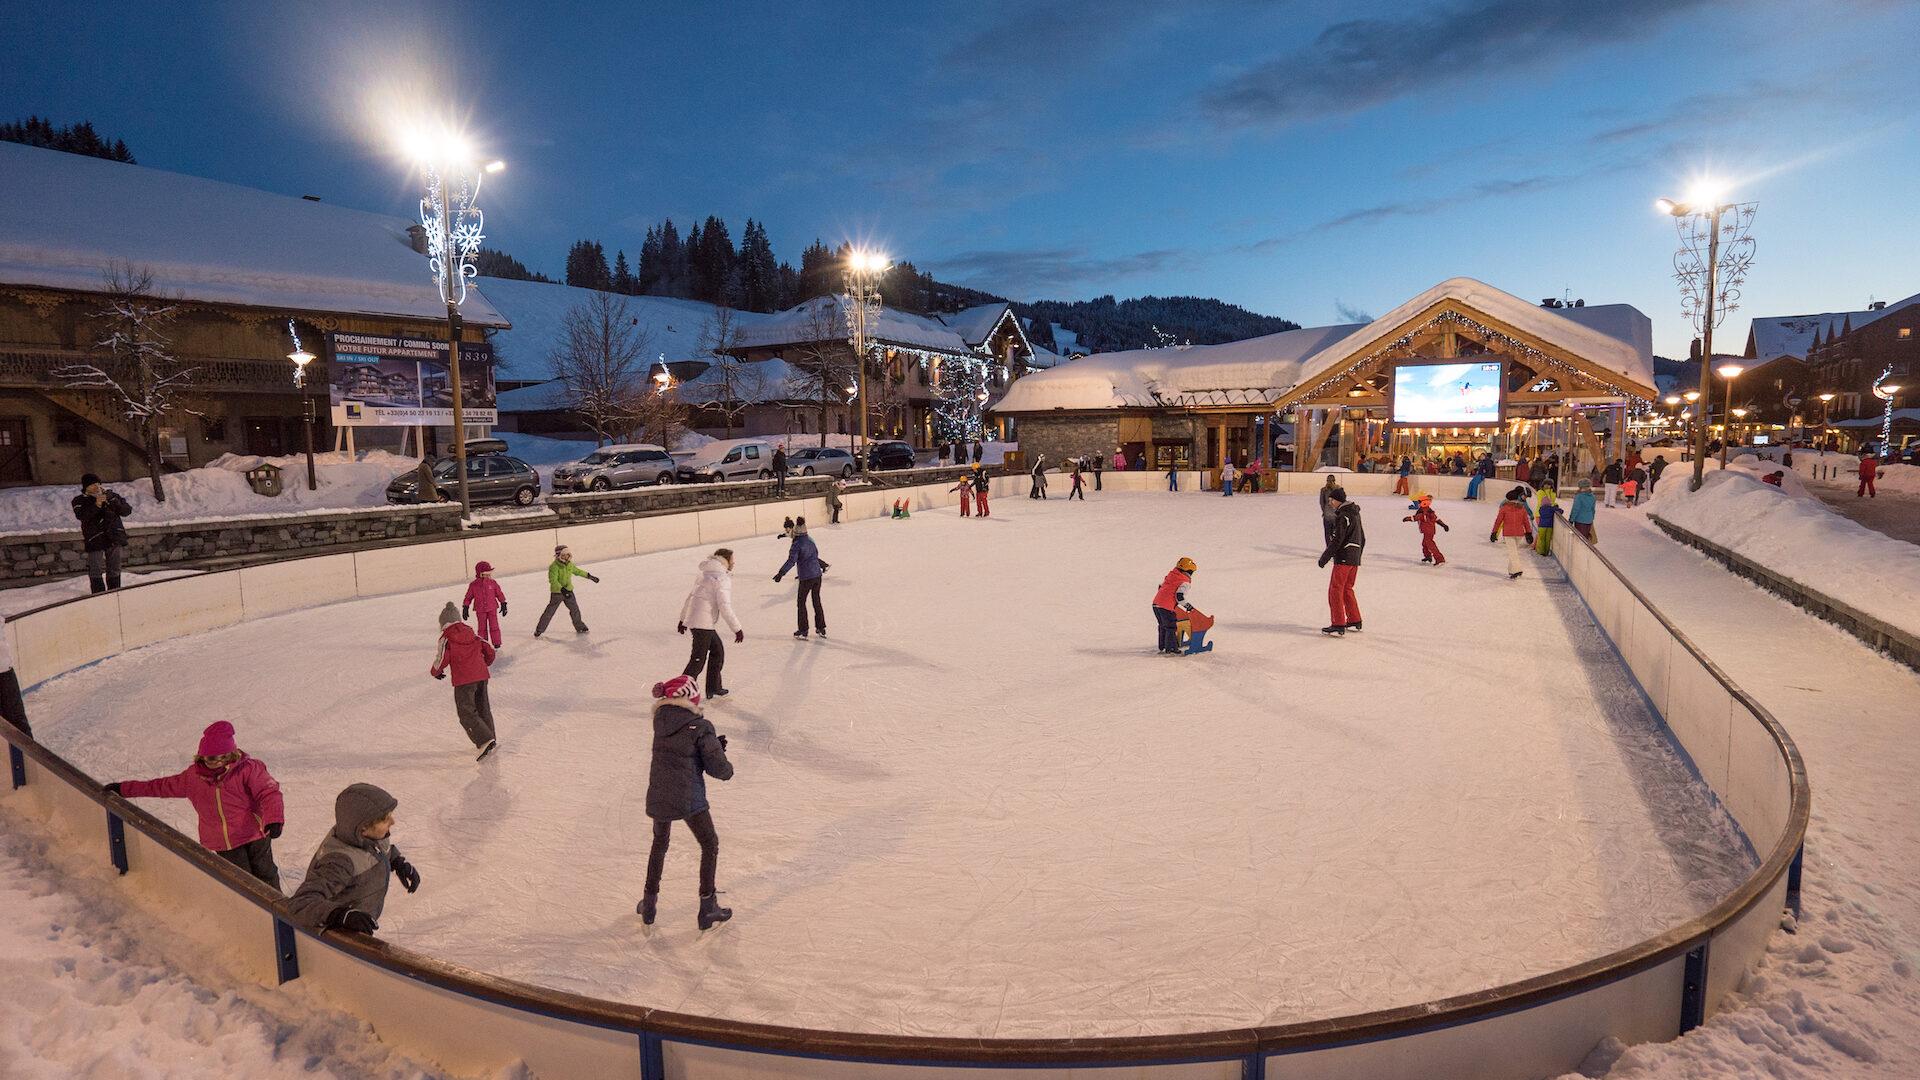 Personnes sur la patinoire en soirée en hiver